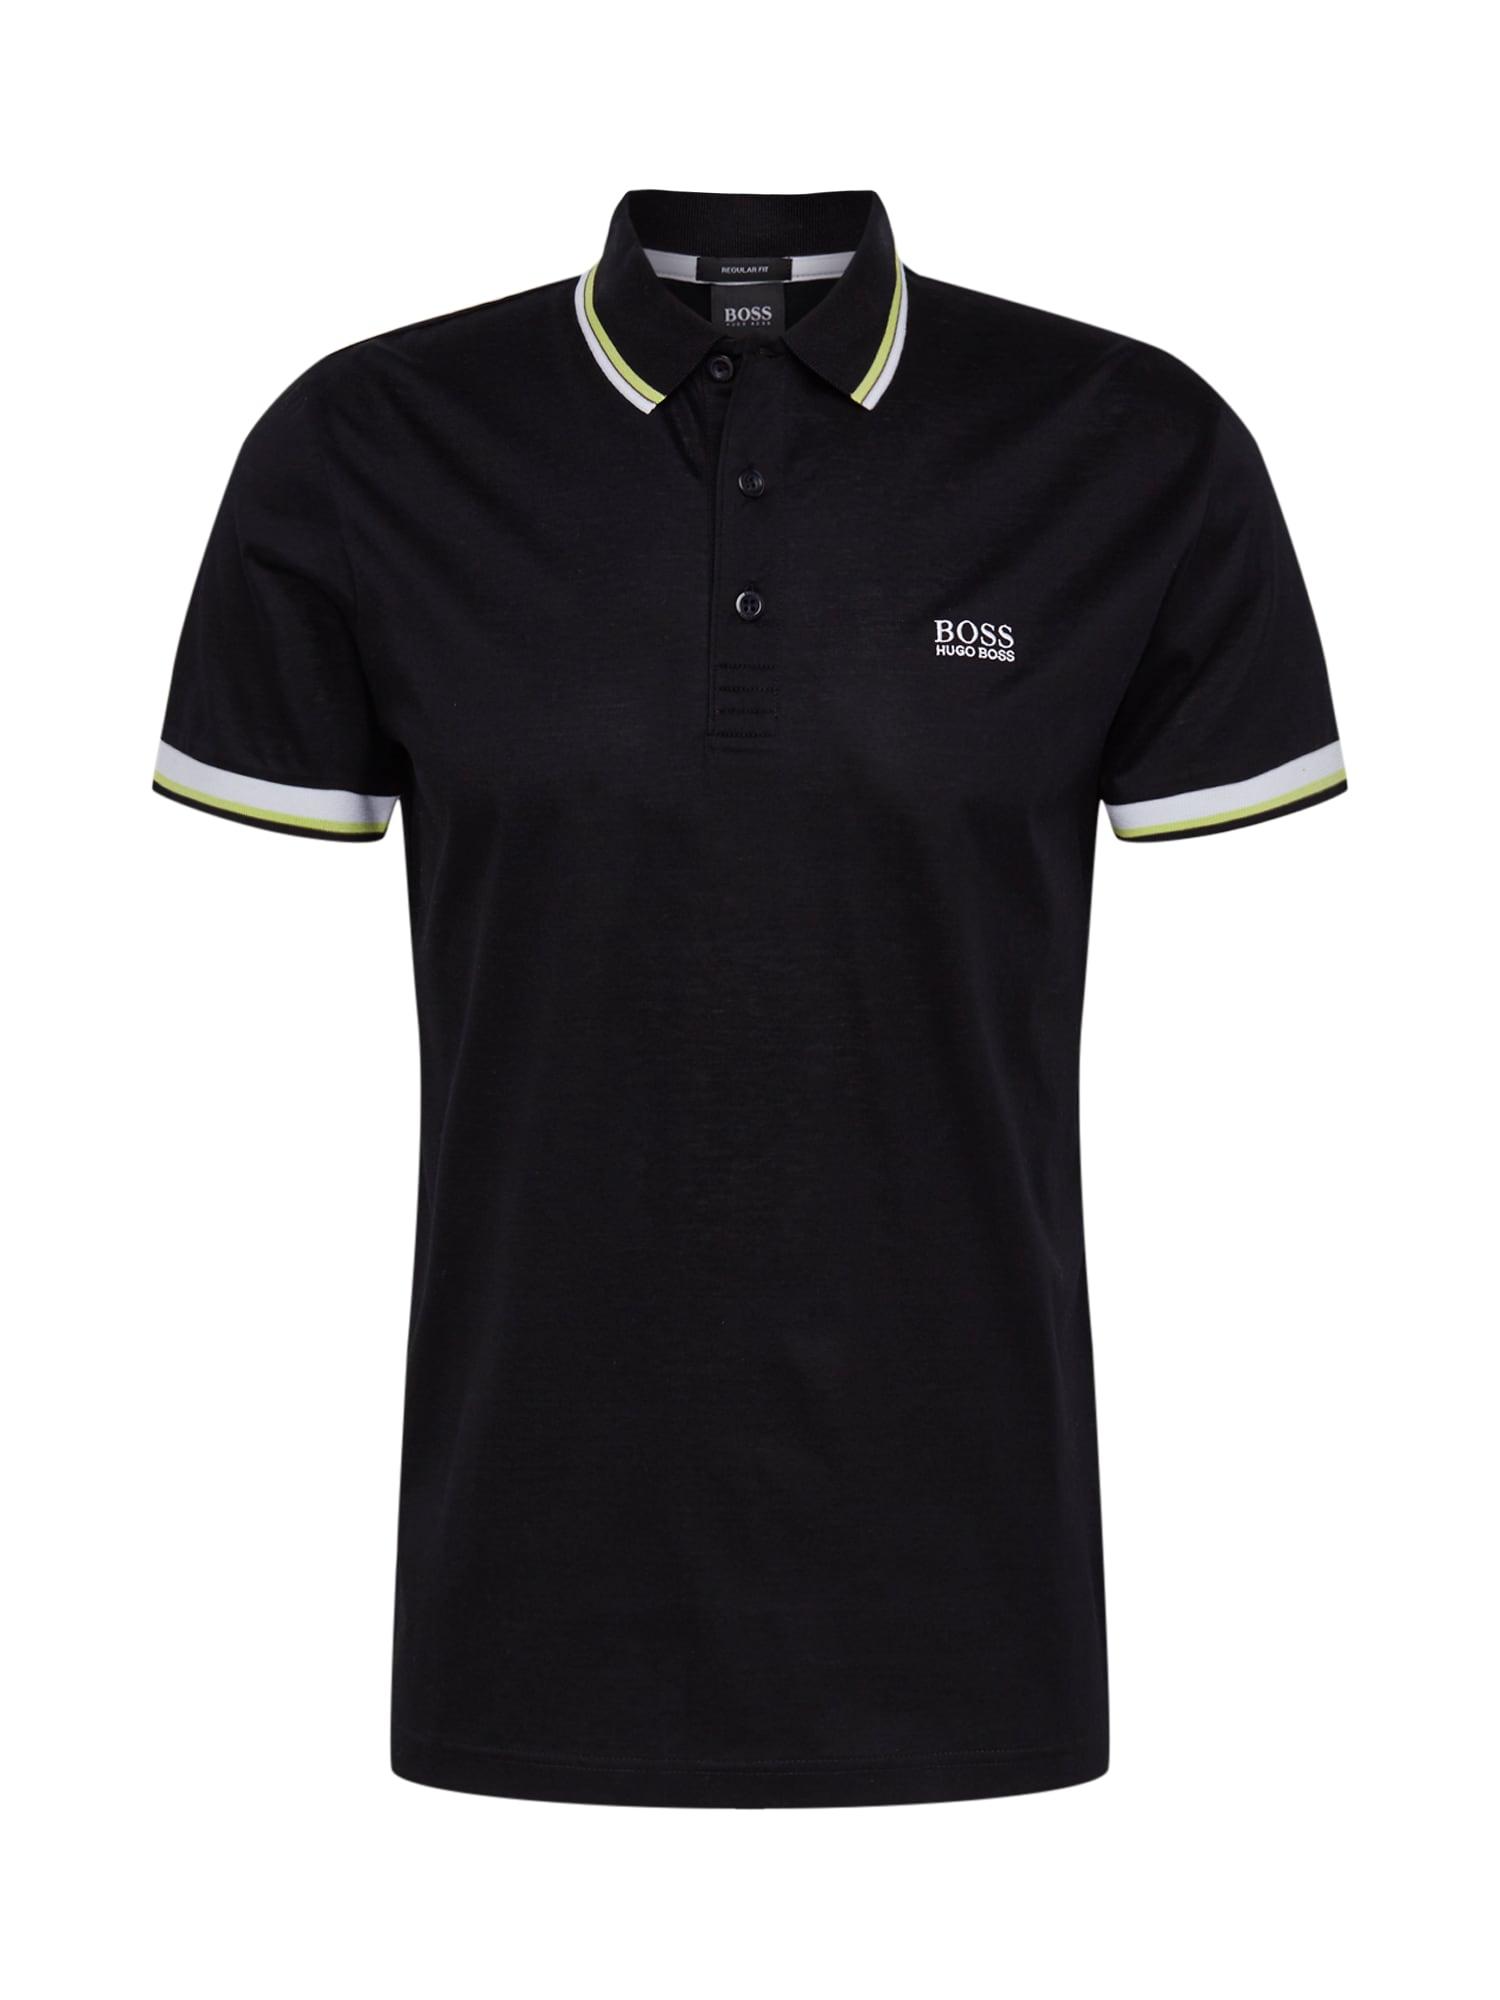 BOSS ATHLEISURE Marškinėliai 'Paddy AP' juoda